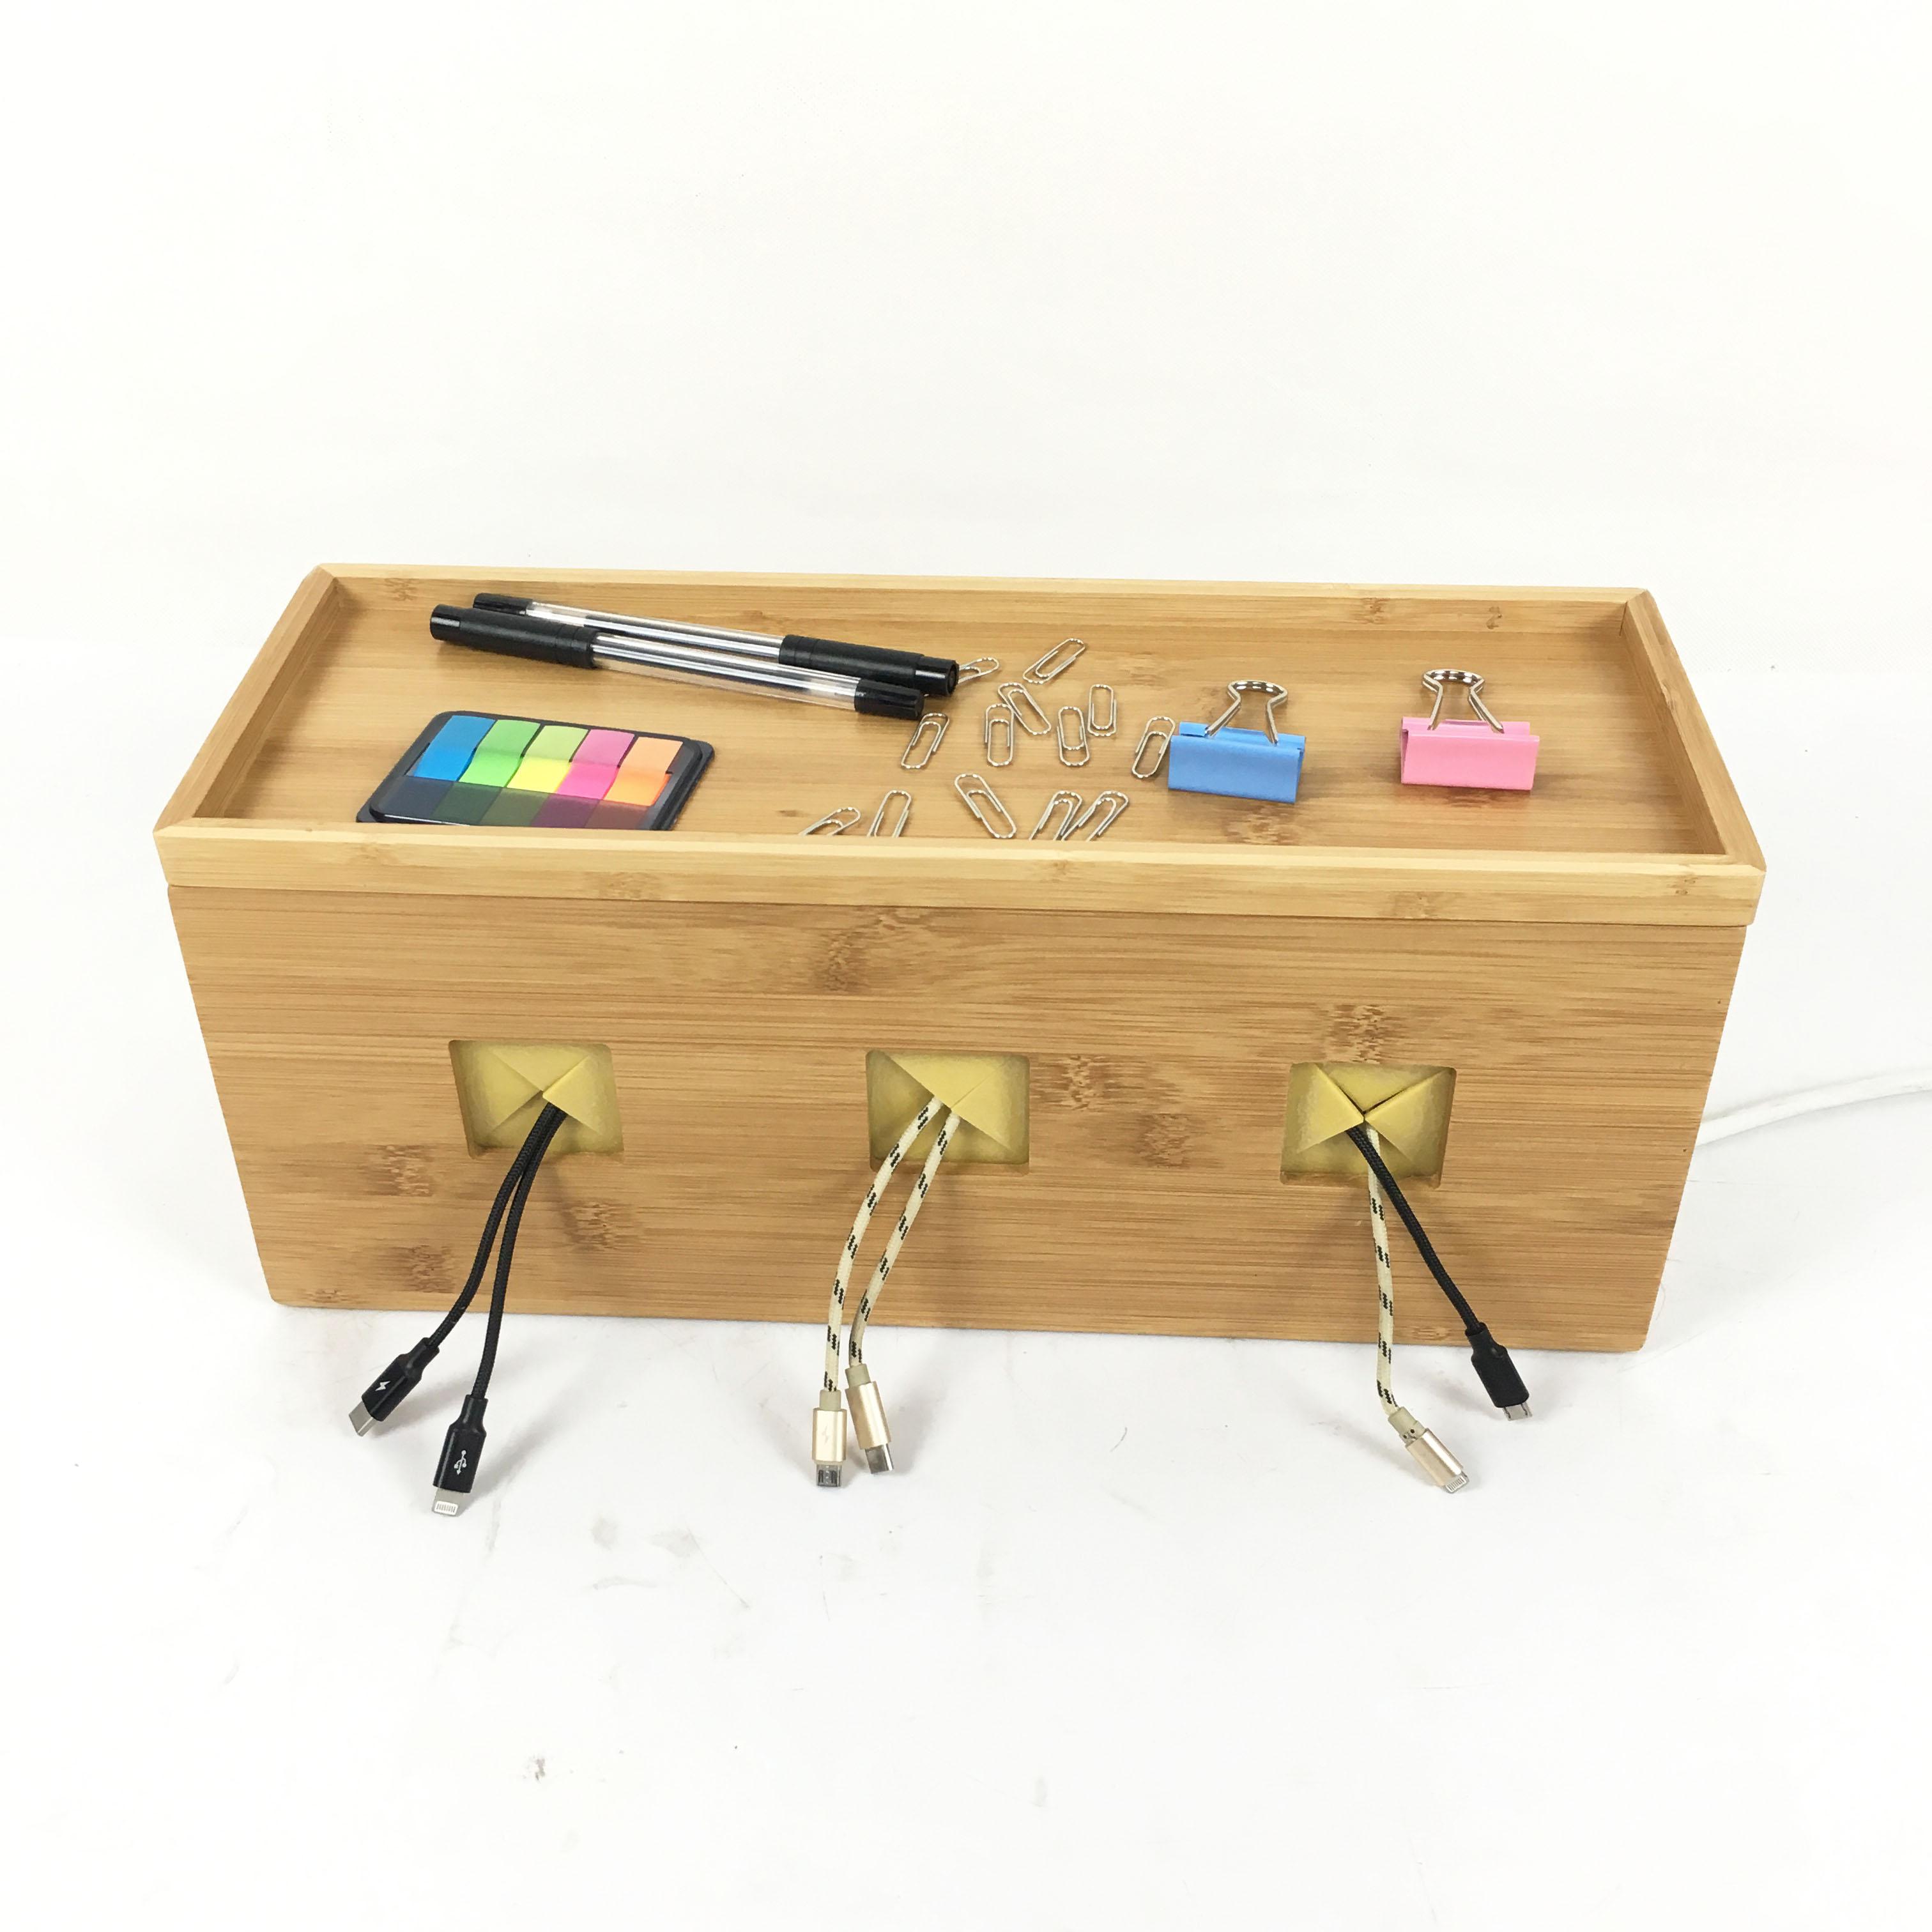 插座收纳盒 (1)